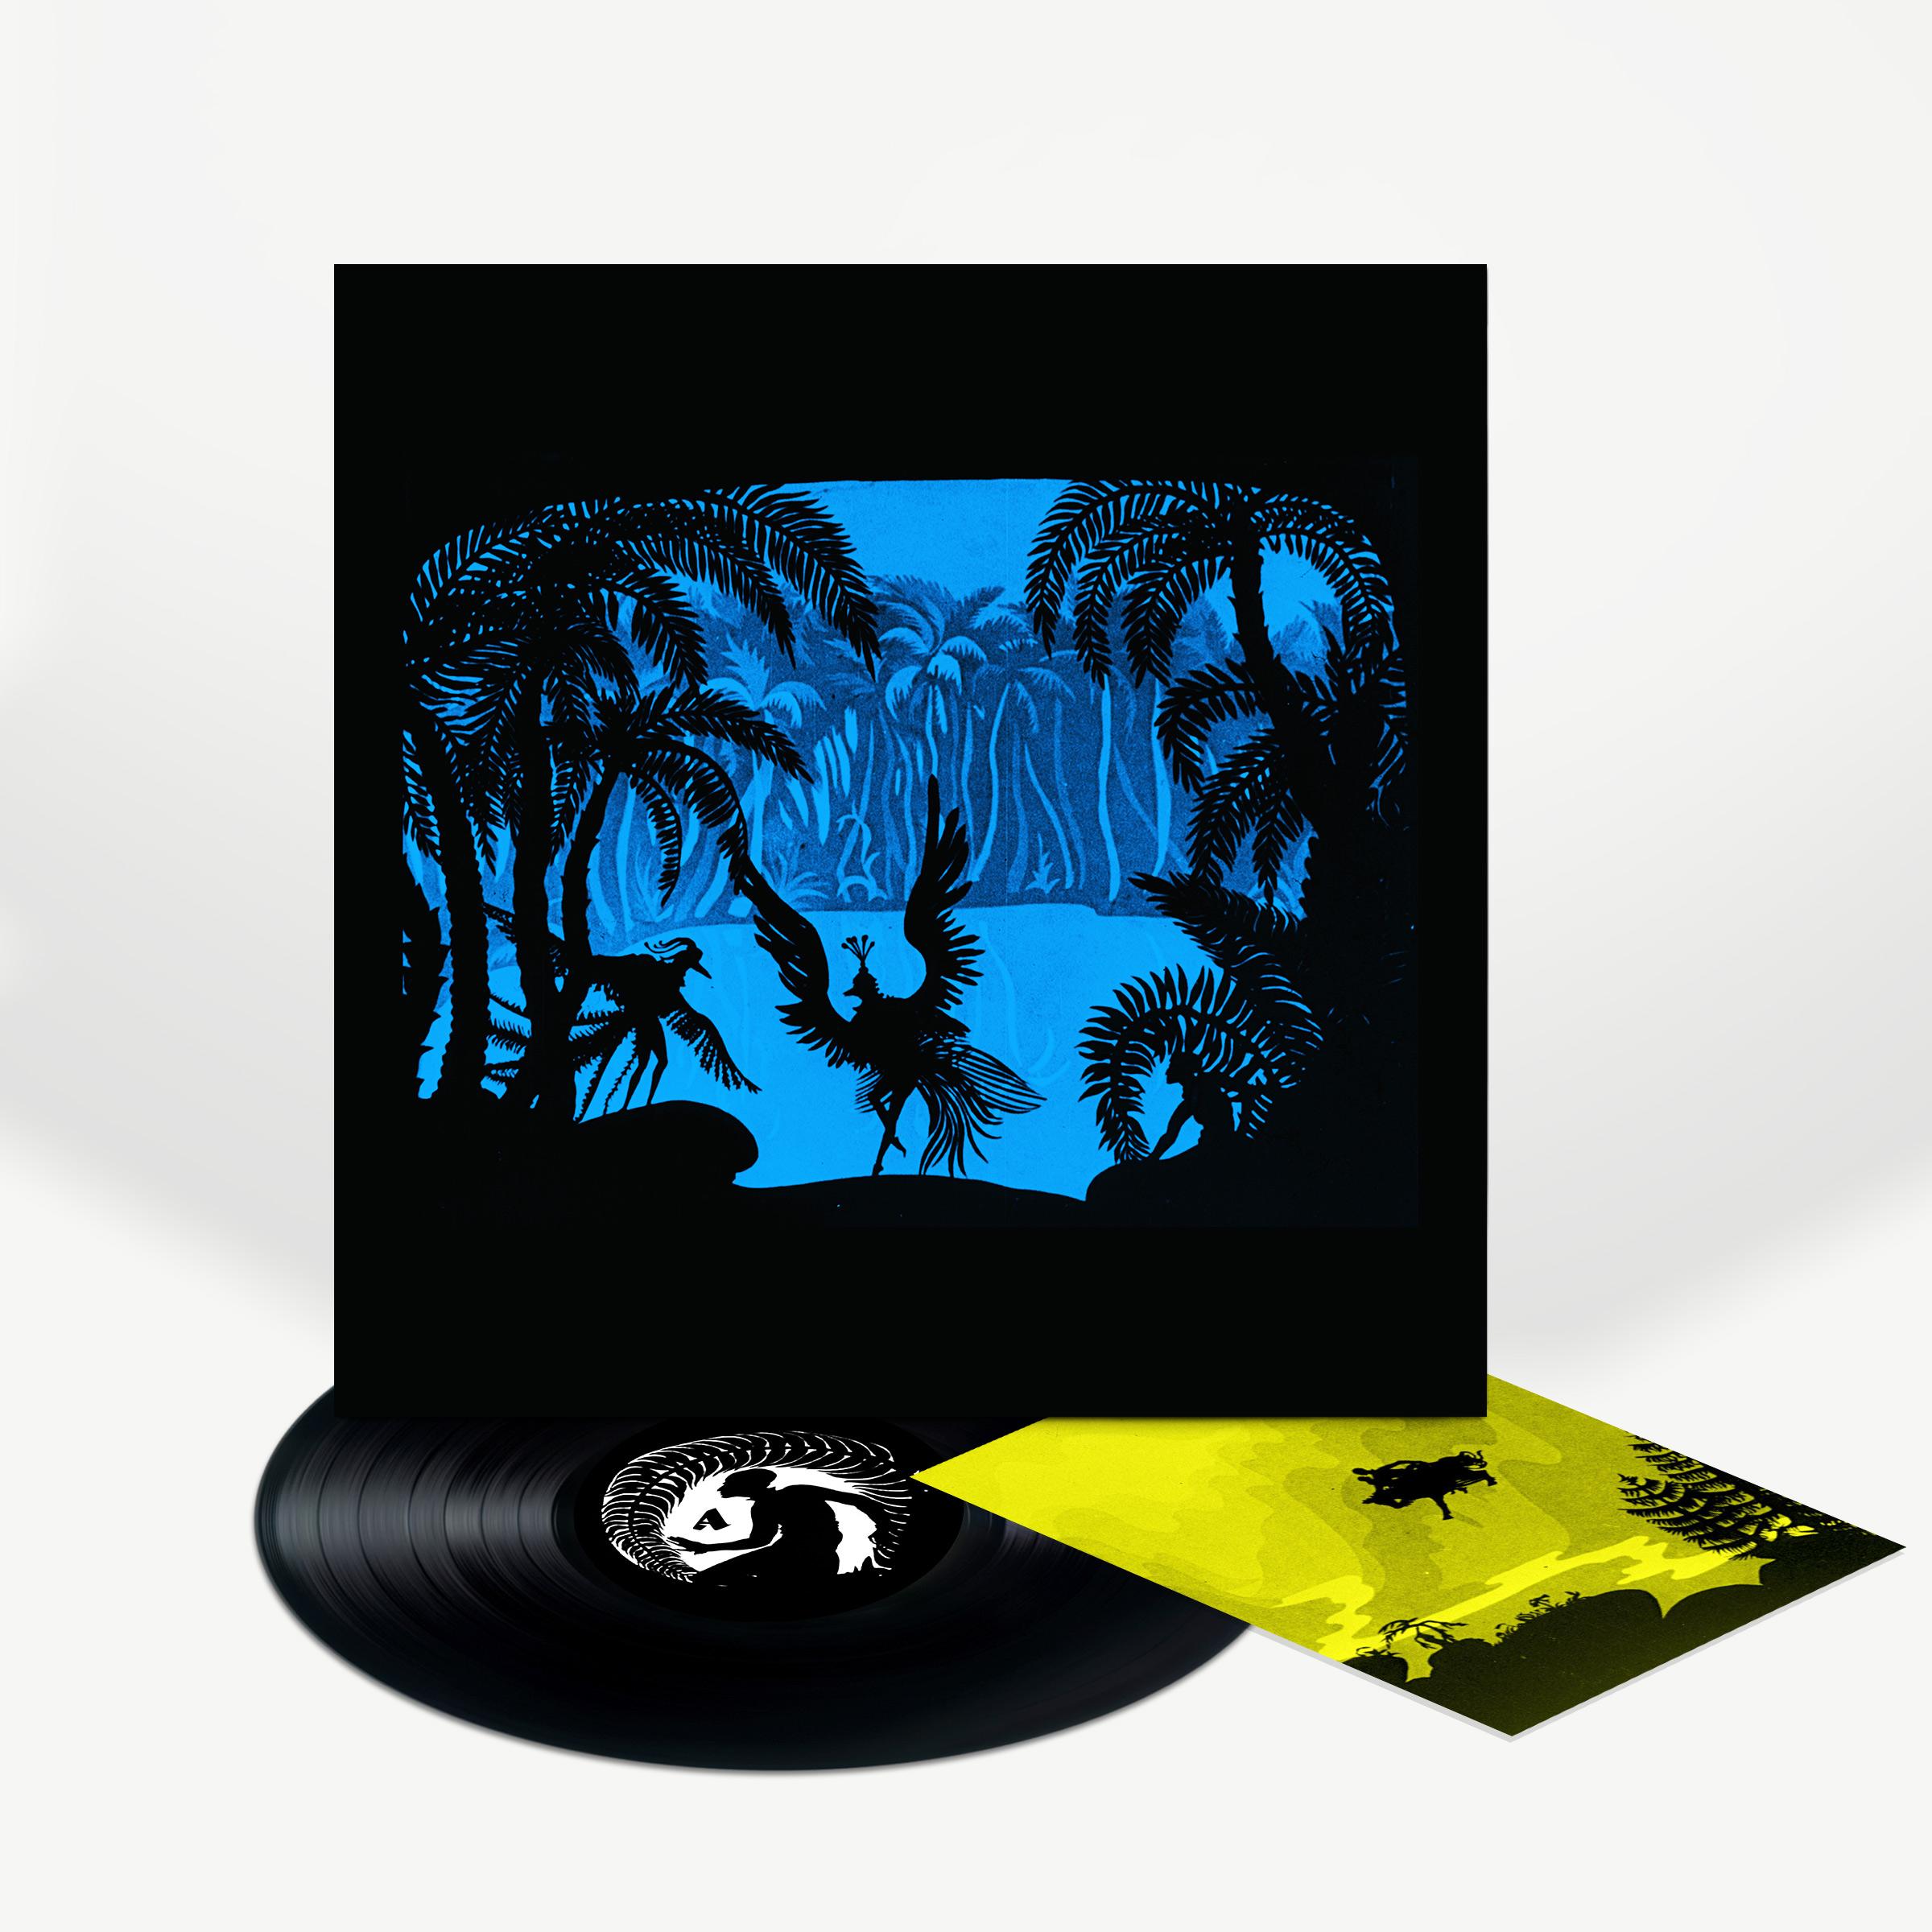 Dungen Haxan Deluxe LP